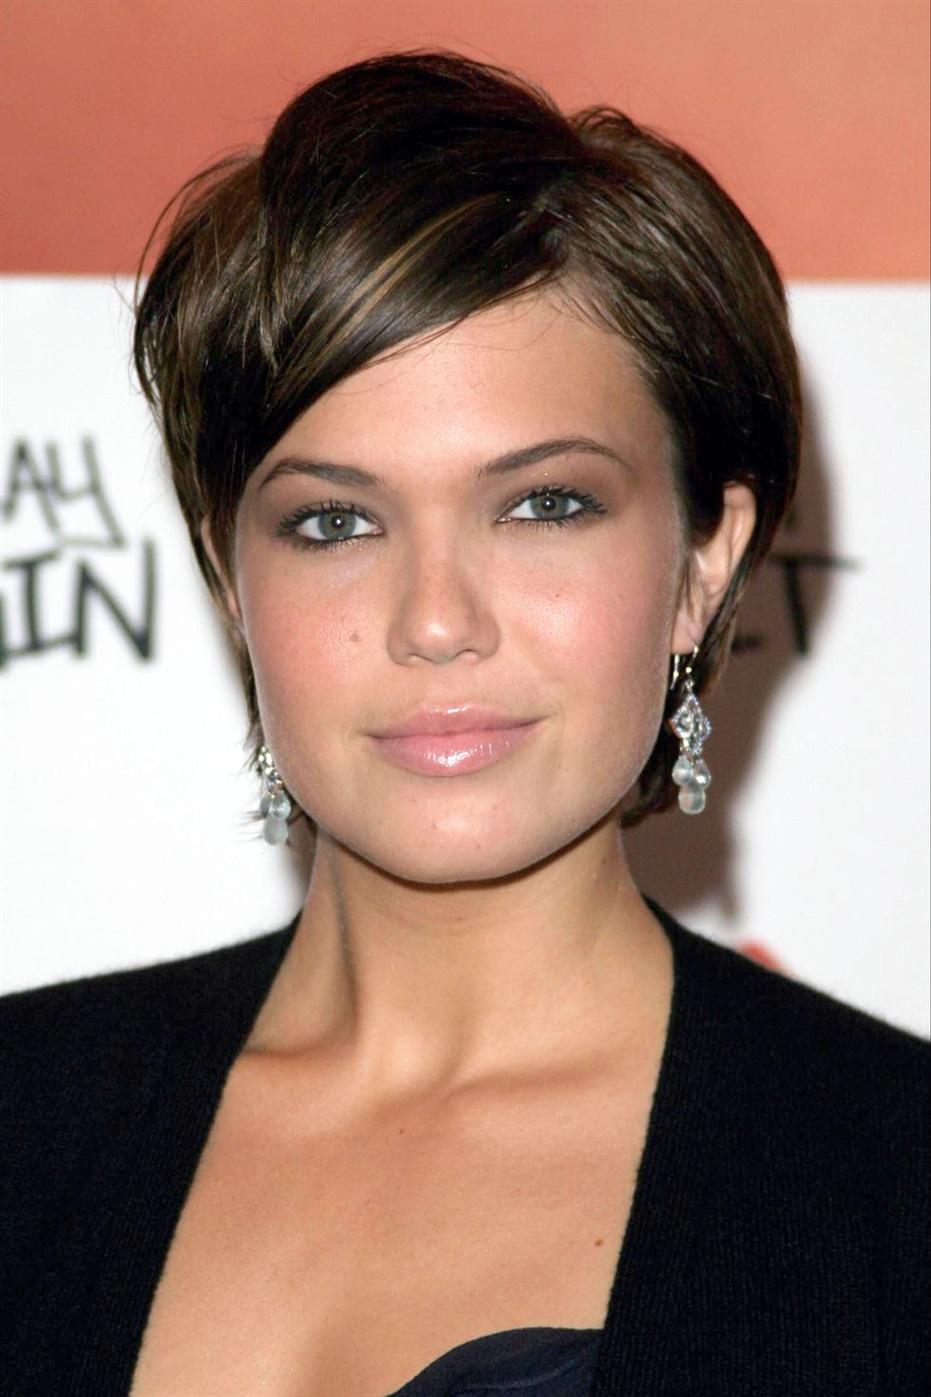 Beste Haarschnitte Frauen Kurzhaarfrisuren Pixie  Haben Sie keine Angst, Ihre Gesichtszüge mit einem Pixie-Schnitt hervorzuheben. Ebenen, die mit einem seitlichen Knall gekoppelt sind, geben Ihnen das Volumen, das Sie benötigen, um dies zu erreichen.